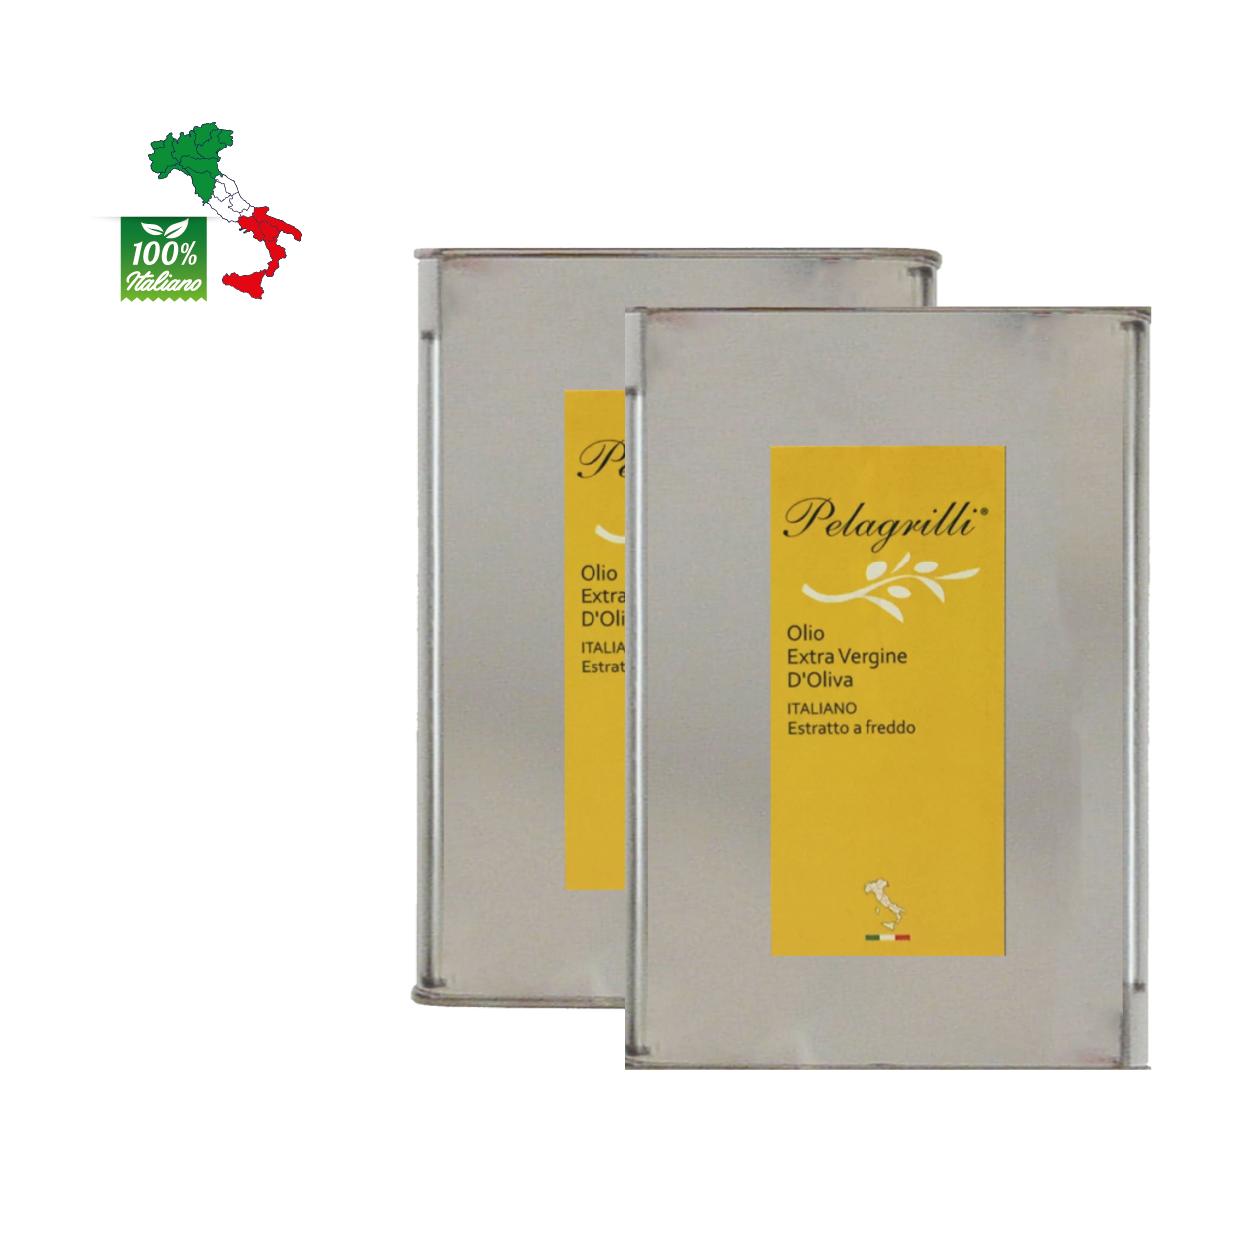 100% ITALIENISCHES PRODUKT LT 3 Natives Olivenöl extra - kalt extrahiert - Ernte 2020-2021 - GEFILTERT